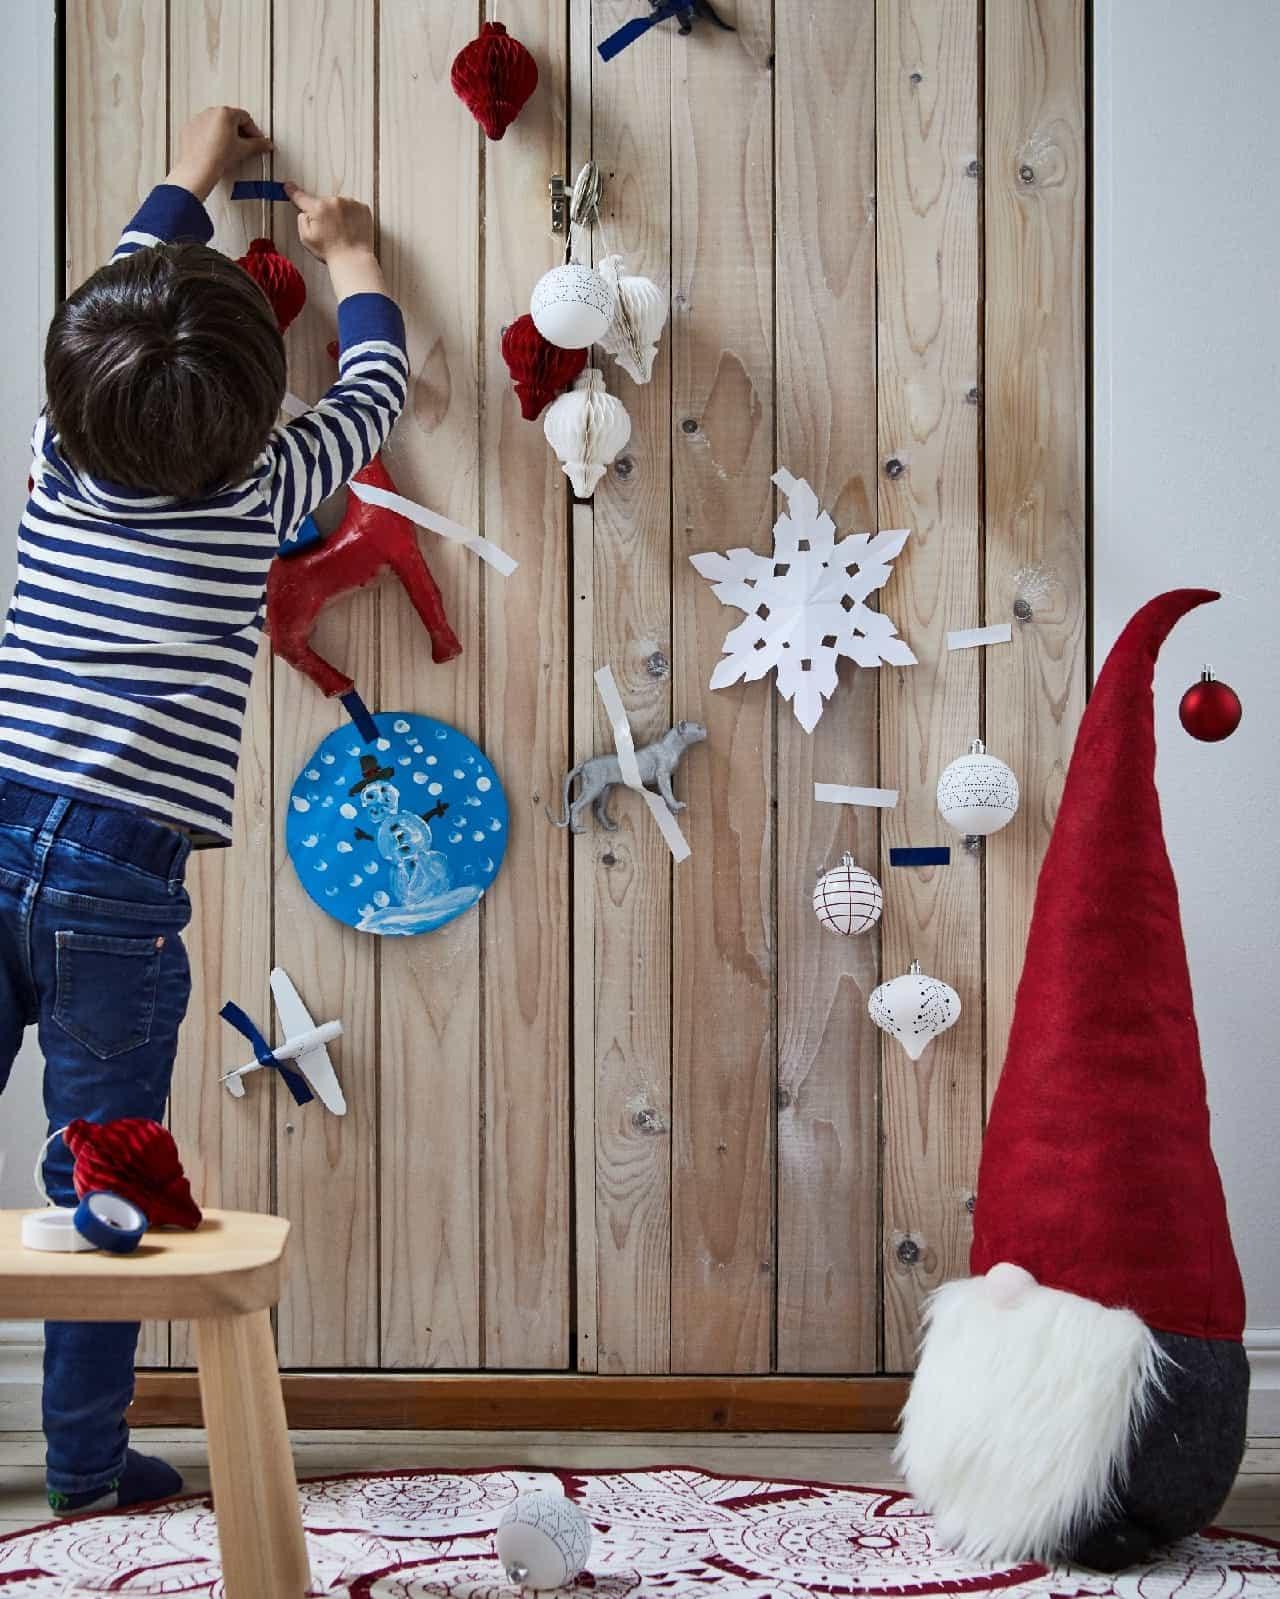 イケアストアにクリスマスコレクションとヴェルメル コレクション